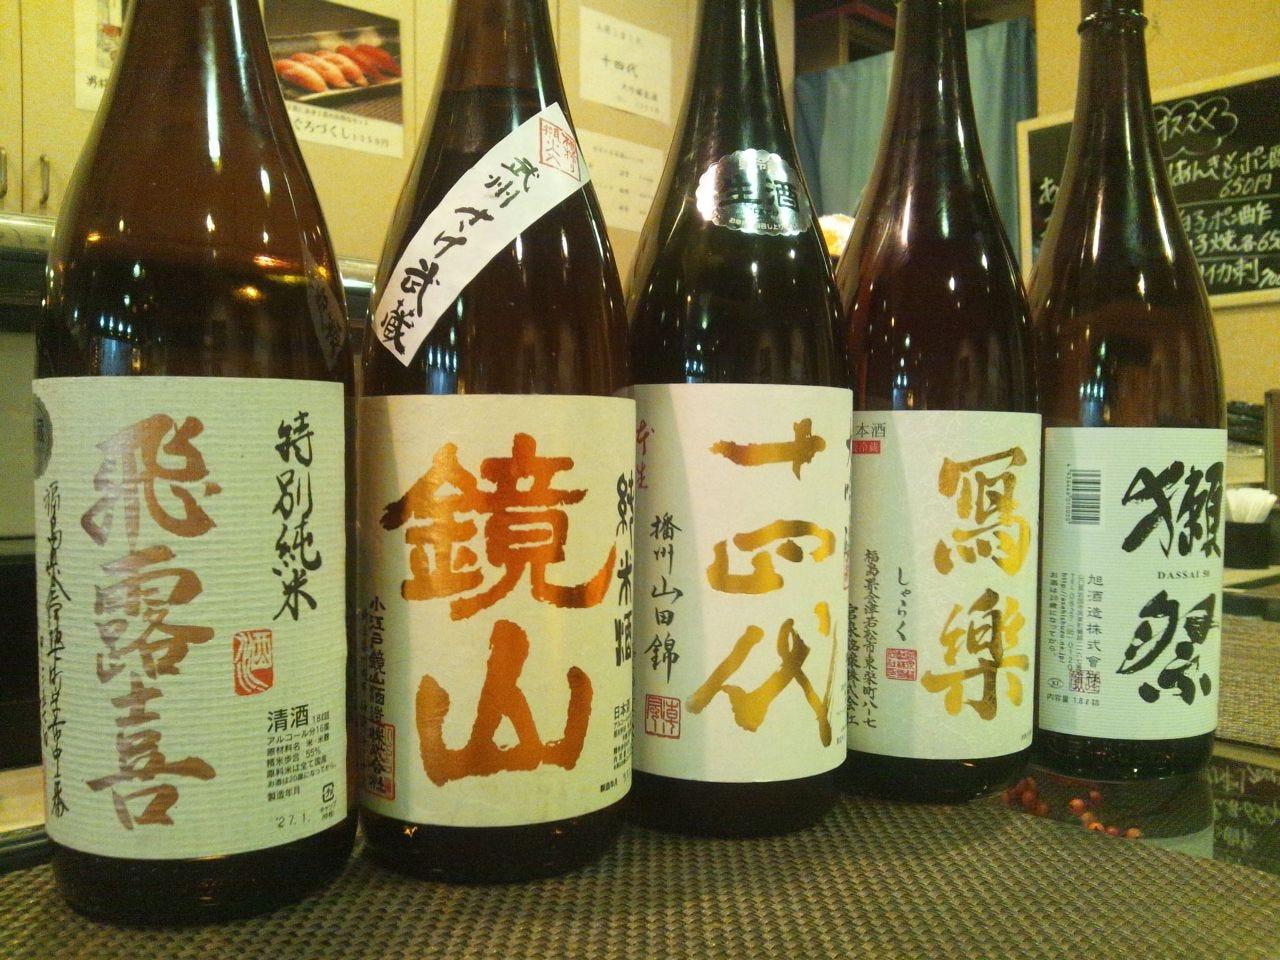 いろいろ日本酒揃えてます。